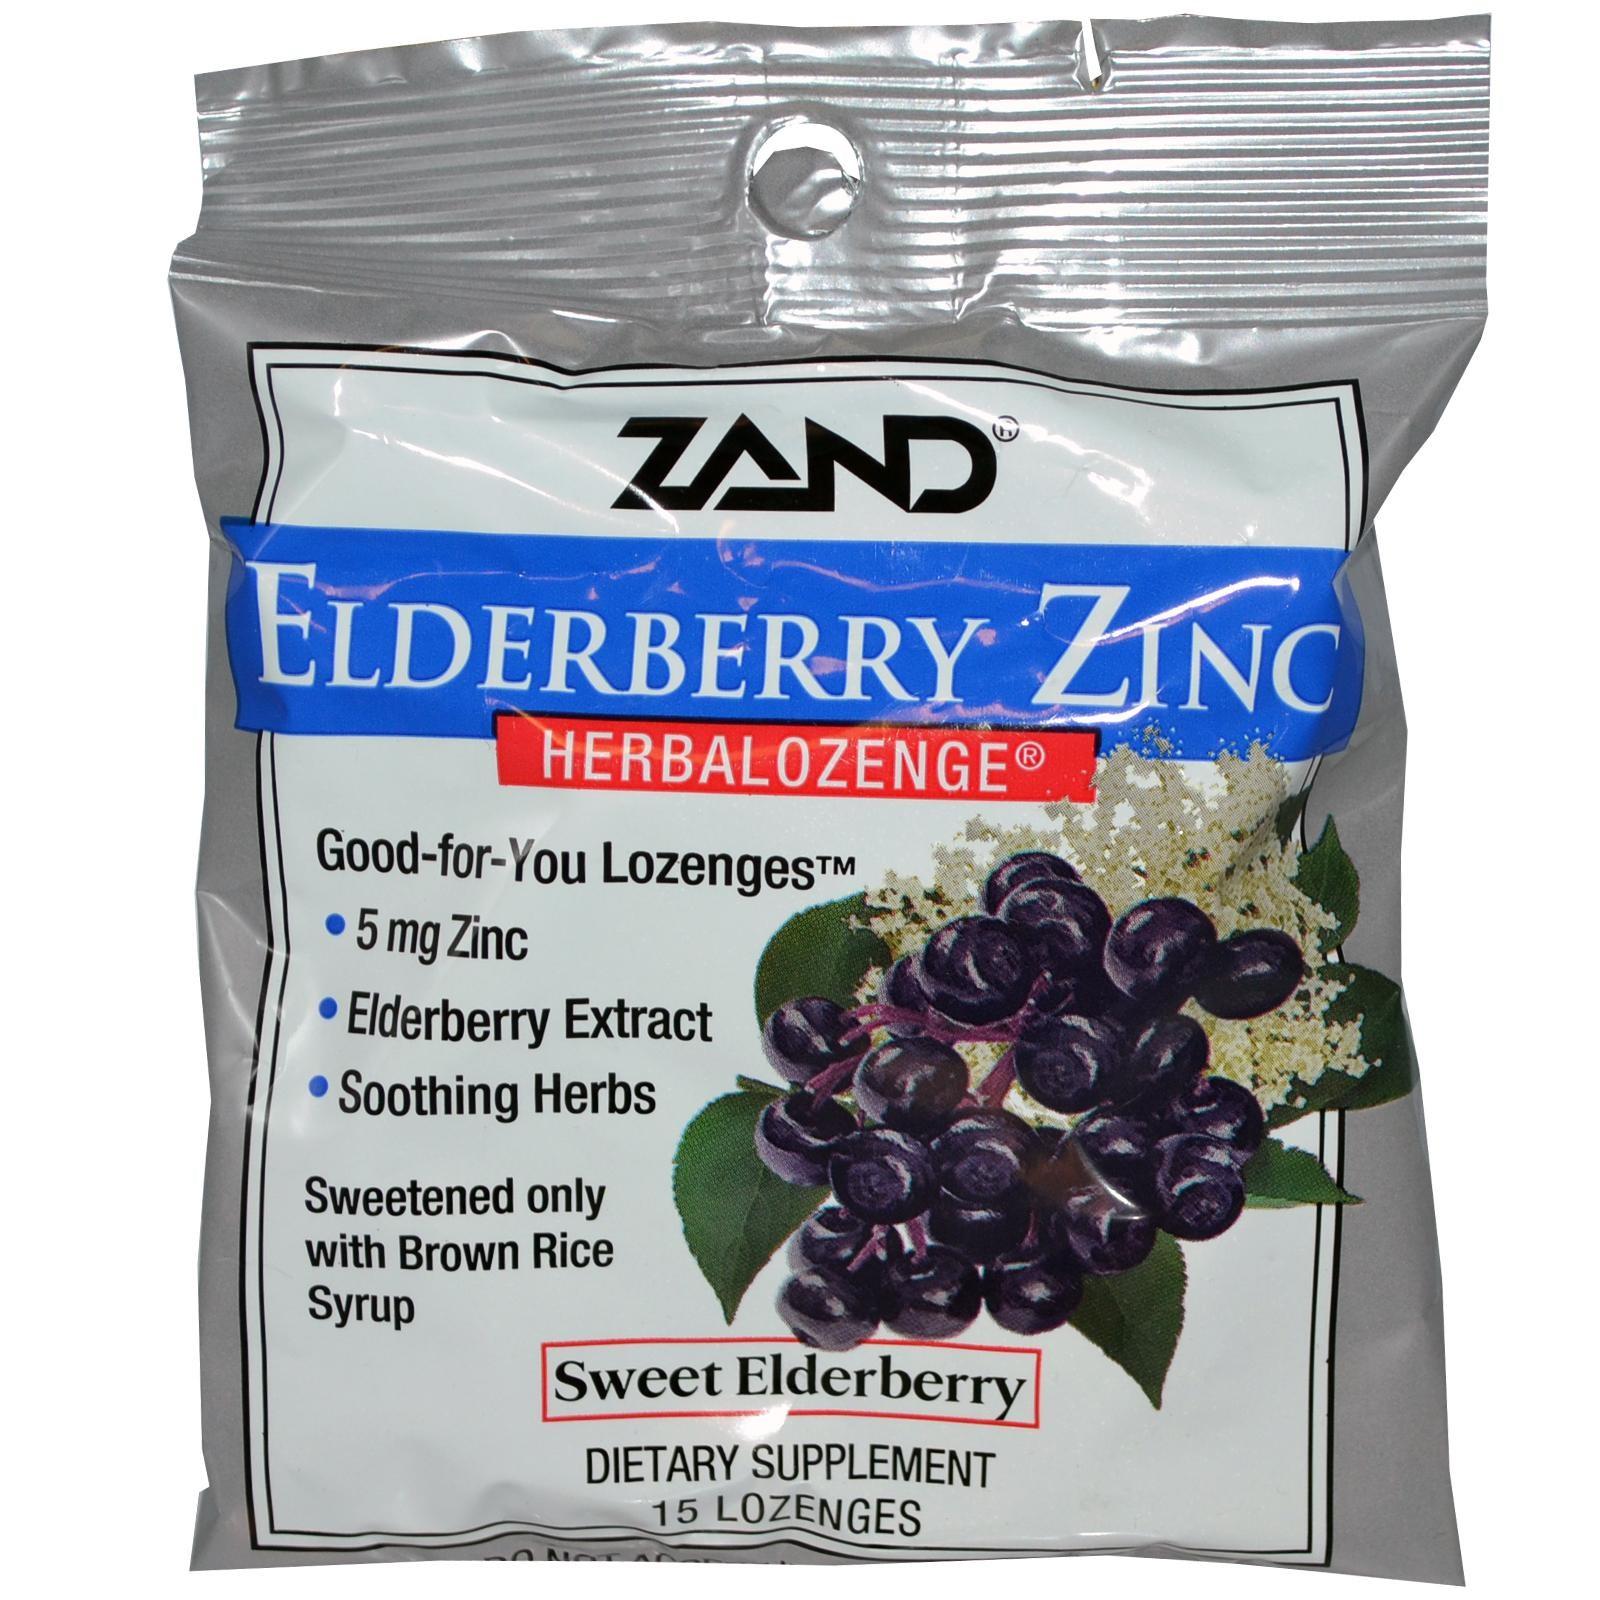 Zand, エルダーベリー亜鉛、Herbalozenge、甘いエルダーベリー、トローチ15個